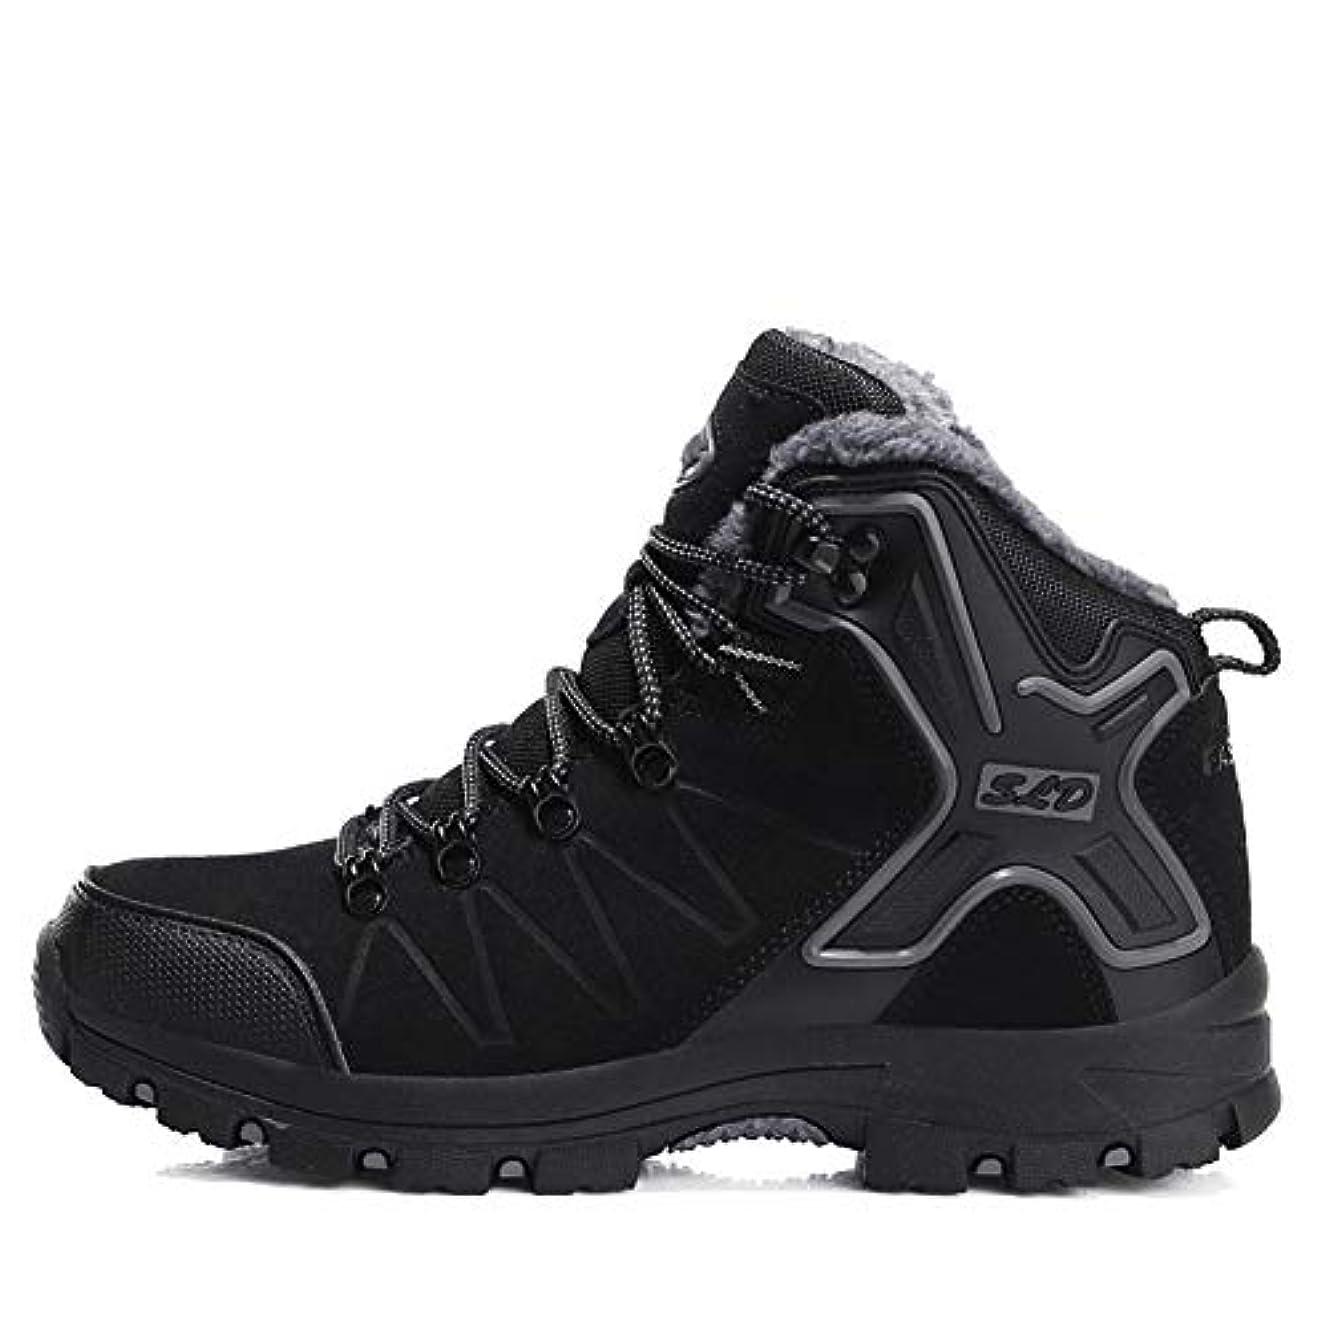 負荷偏見服を着る[TcIFE] トレッキングシューズ メンズ 防水 防滑 ハイカット 登山靴 大きいサイズ ハイキングシューズ メンズ 耐磨耗 ハイキングシューズ メンズ 通気性 スニーカー